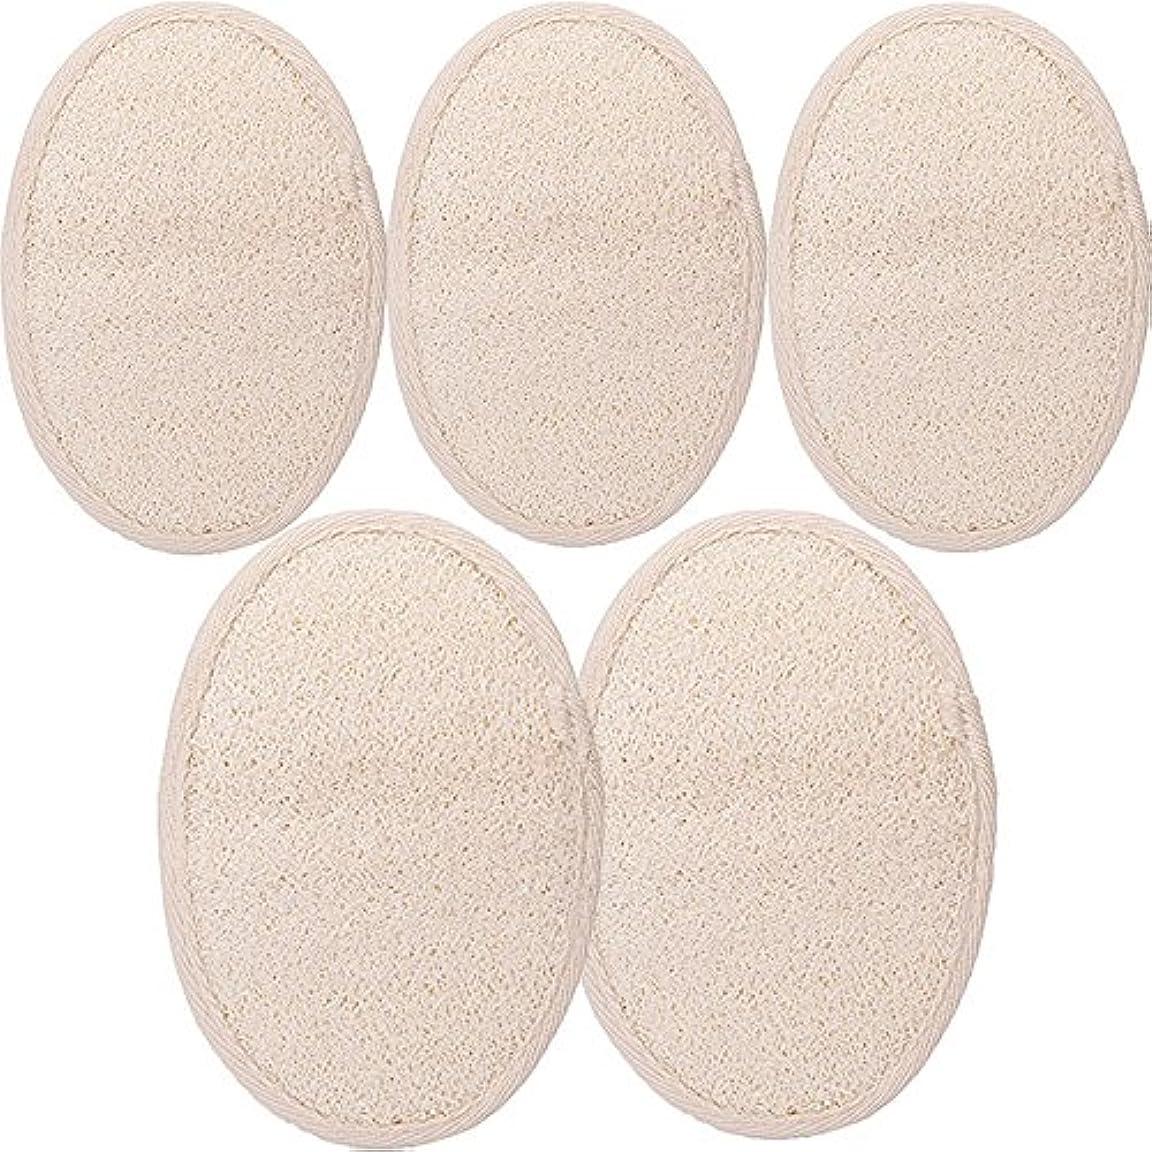 起きるサスペンション円周シャワー ベルト 天然ヘチマ お風呂用 背中も洗える 血行促進 角質除去 (SGP1-A-5PCS)